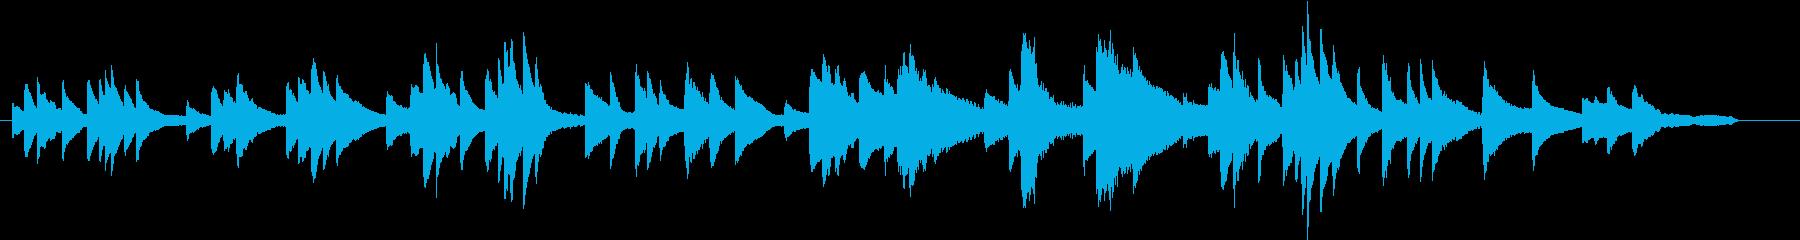 原風景のイメージのピアノ01の再生済みの波形